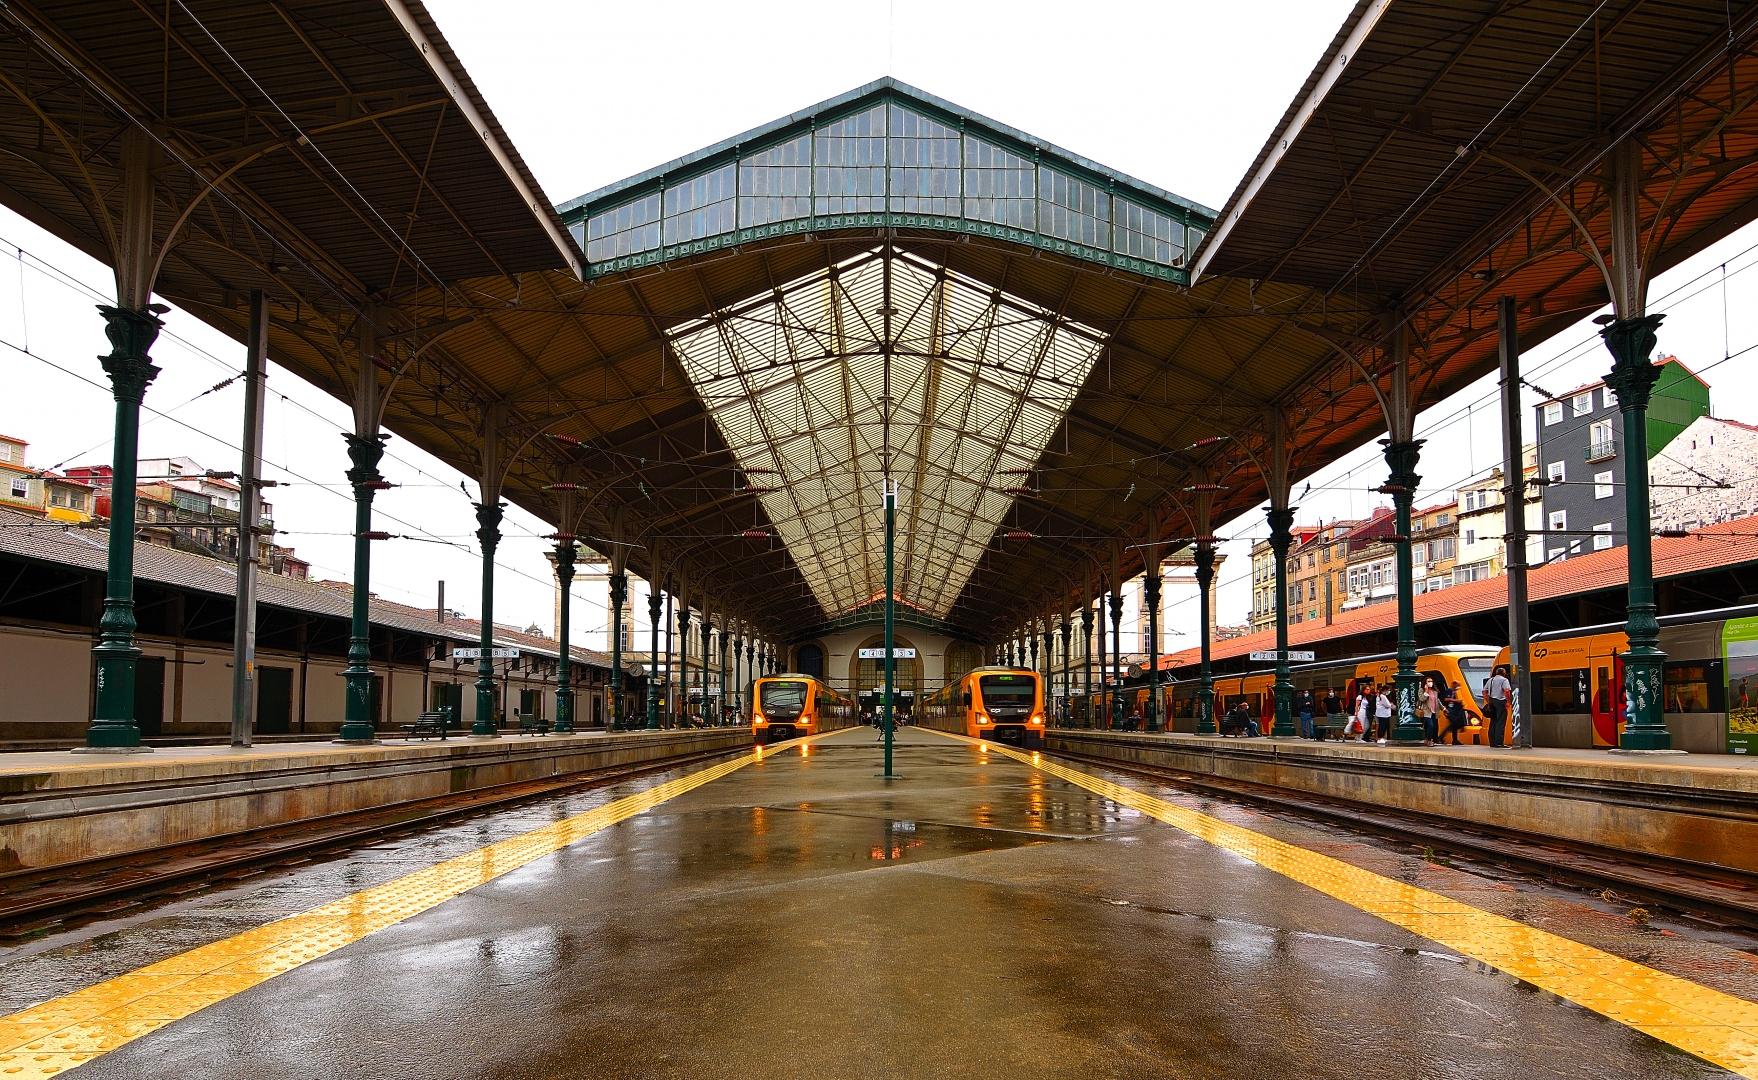 Arquitetura/Estação de São Bento numa tarde de chuva